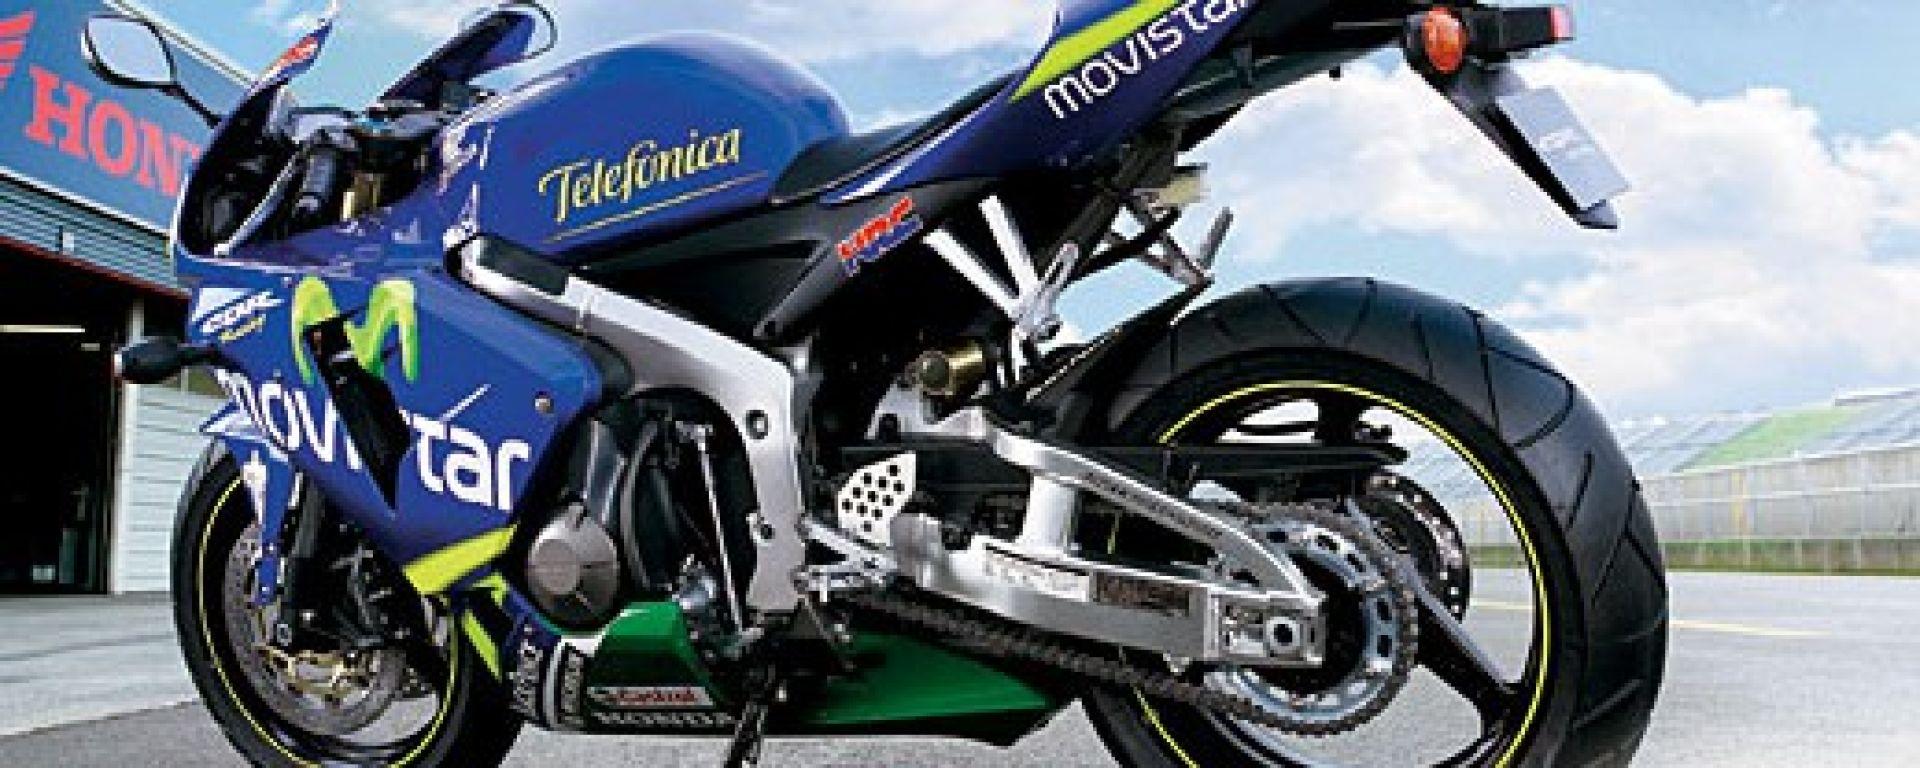 Honda CBR 600 RR Movistar